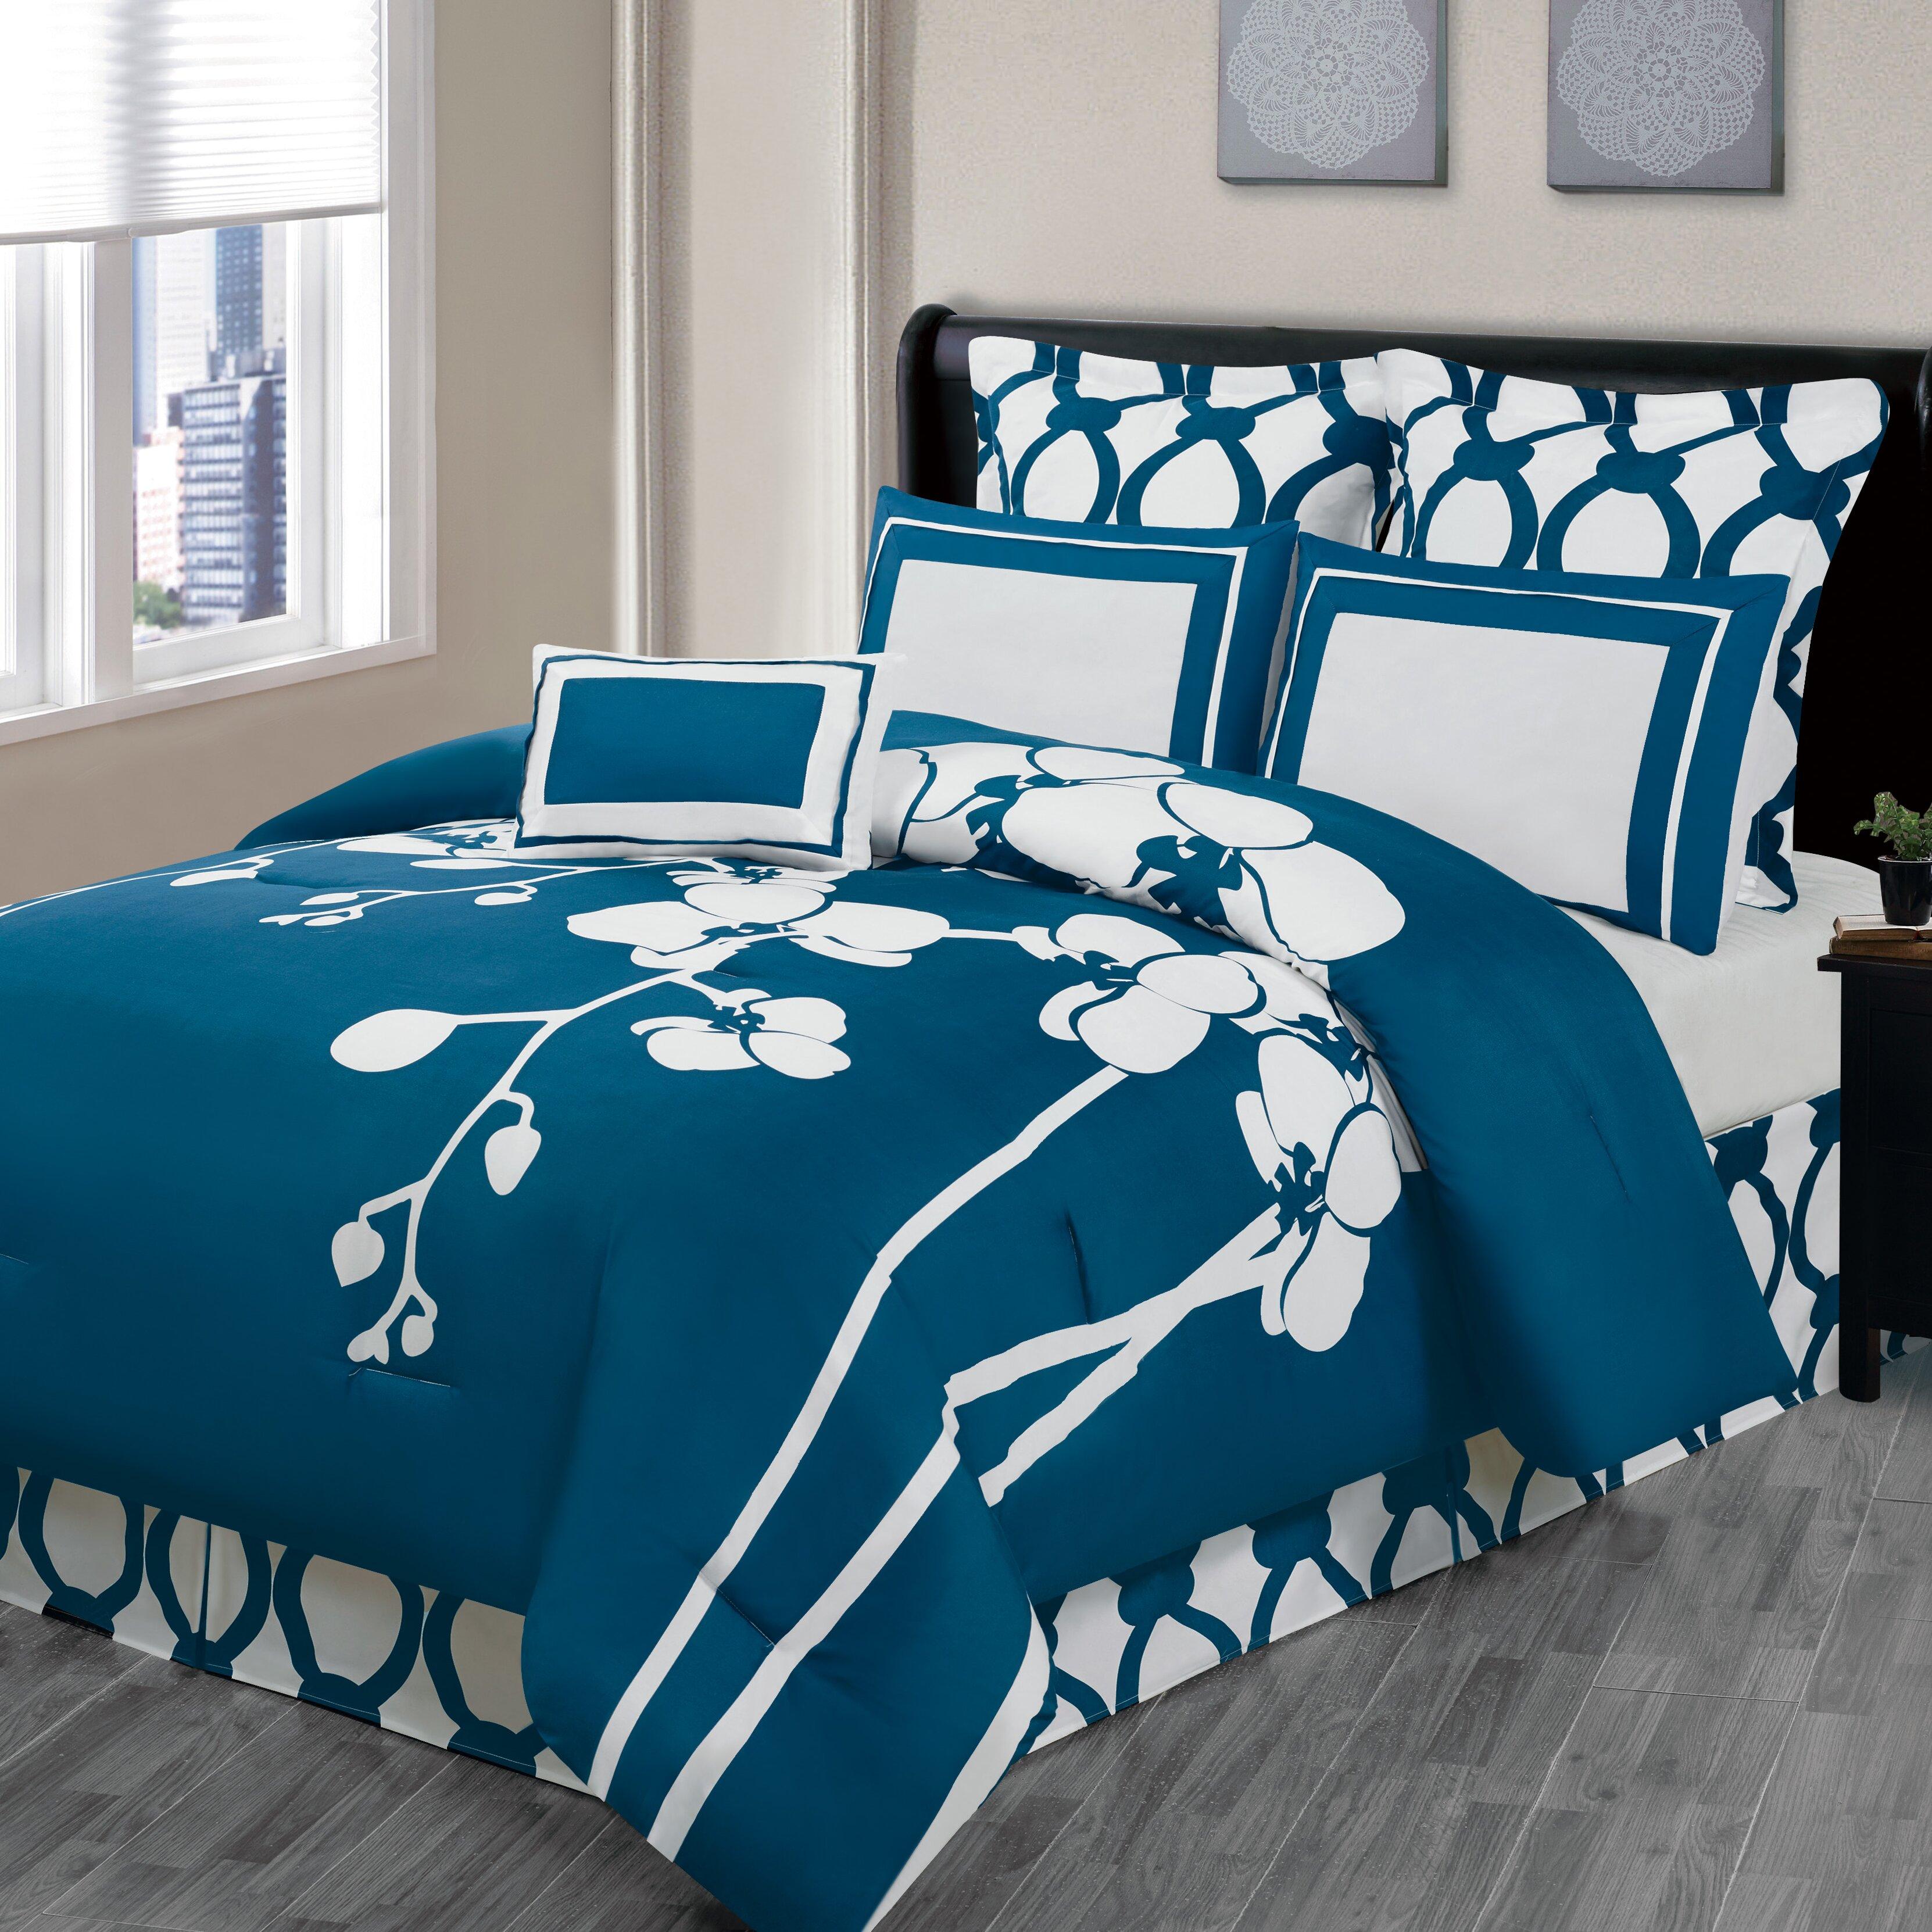 DR International April 7 Piece Reversible Comforter Set. DR International April 7 Piece Reversible Comforter Set   Reviews